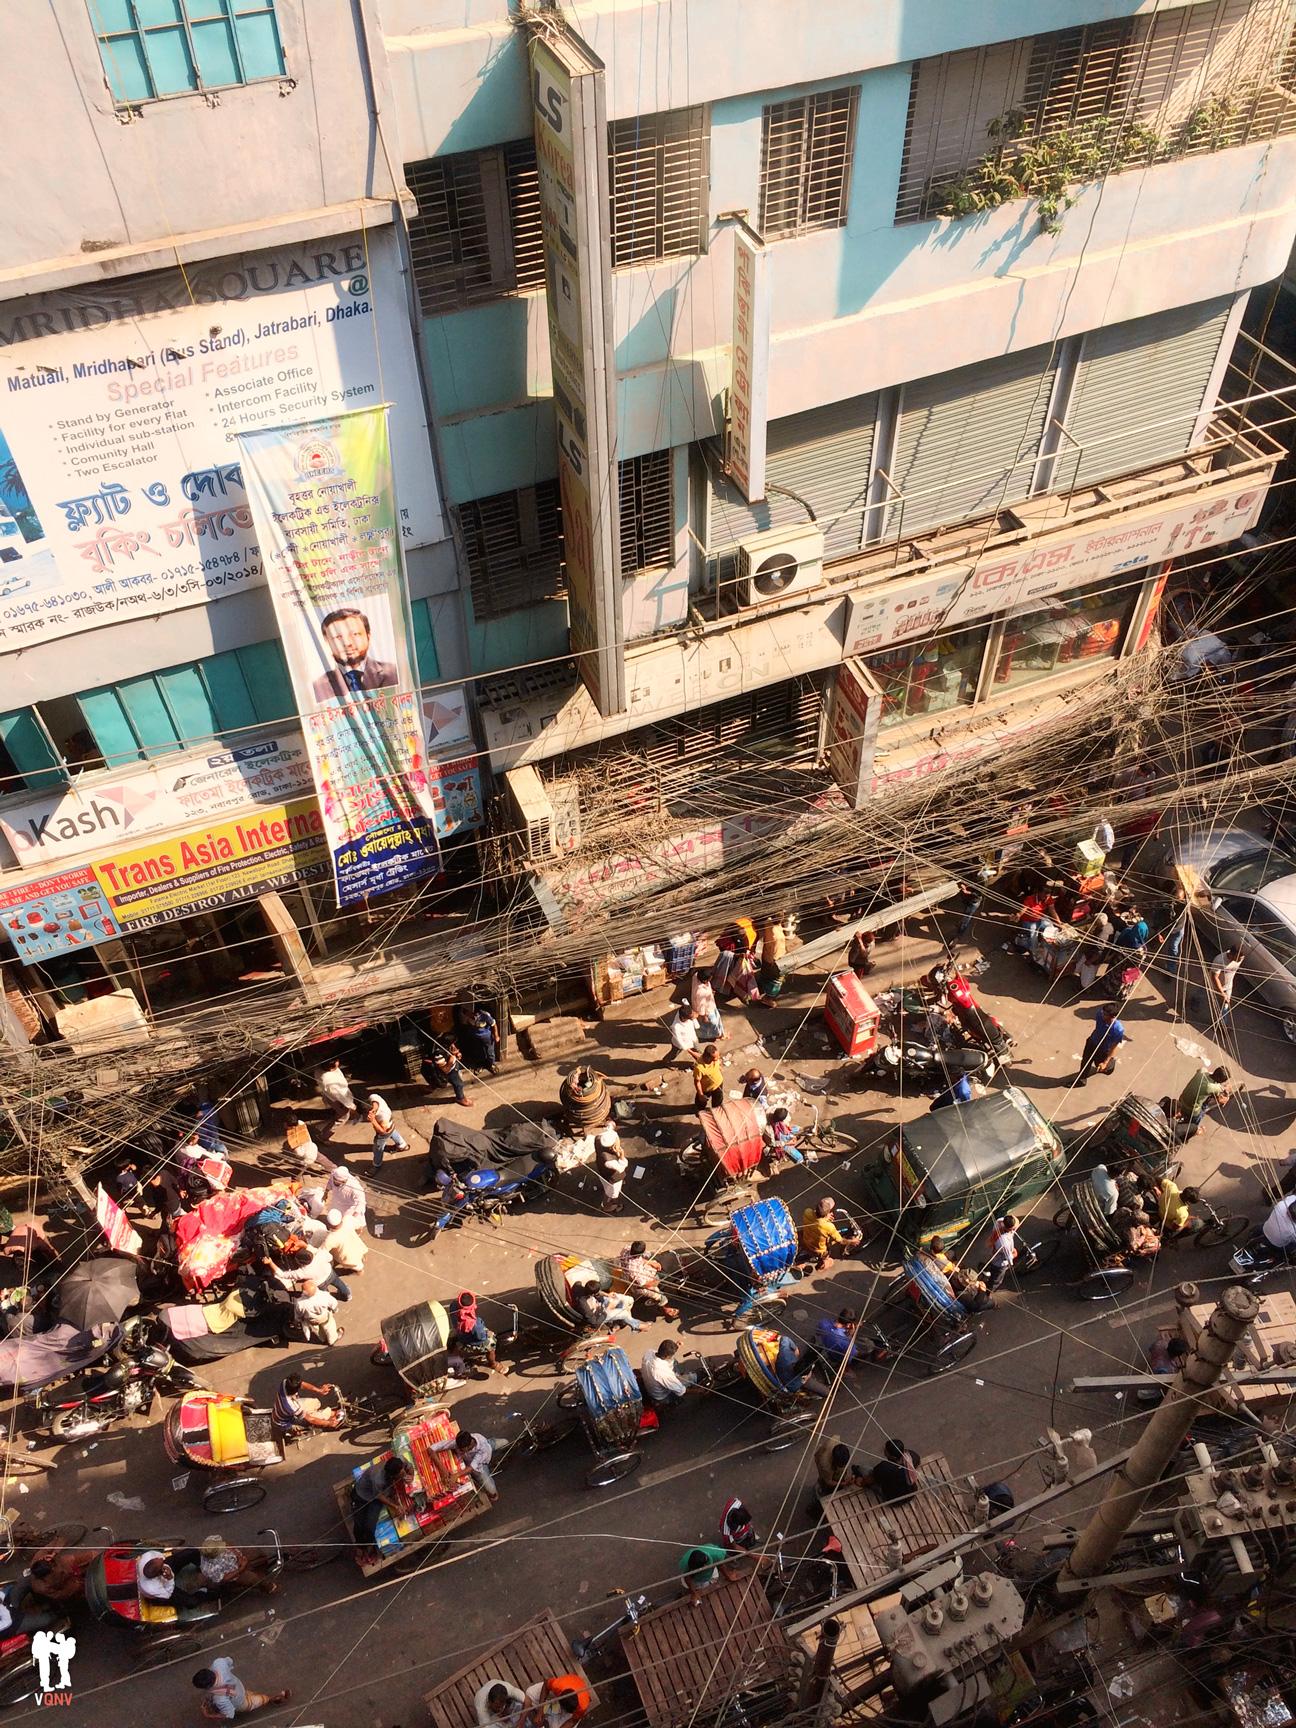 Vista de pajaro de una caravana de rickshaws